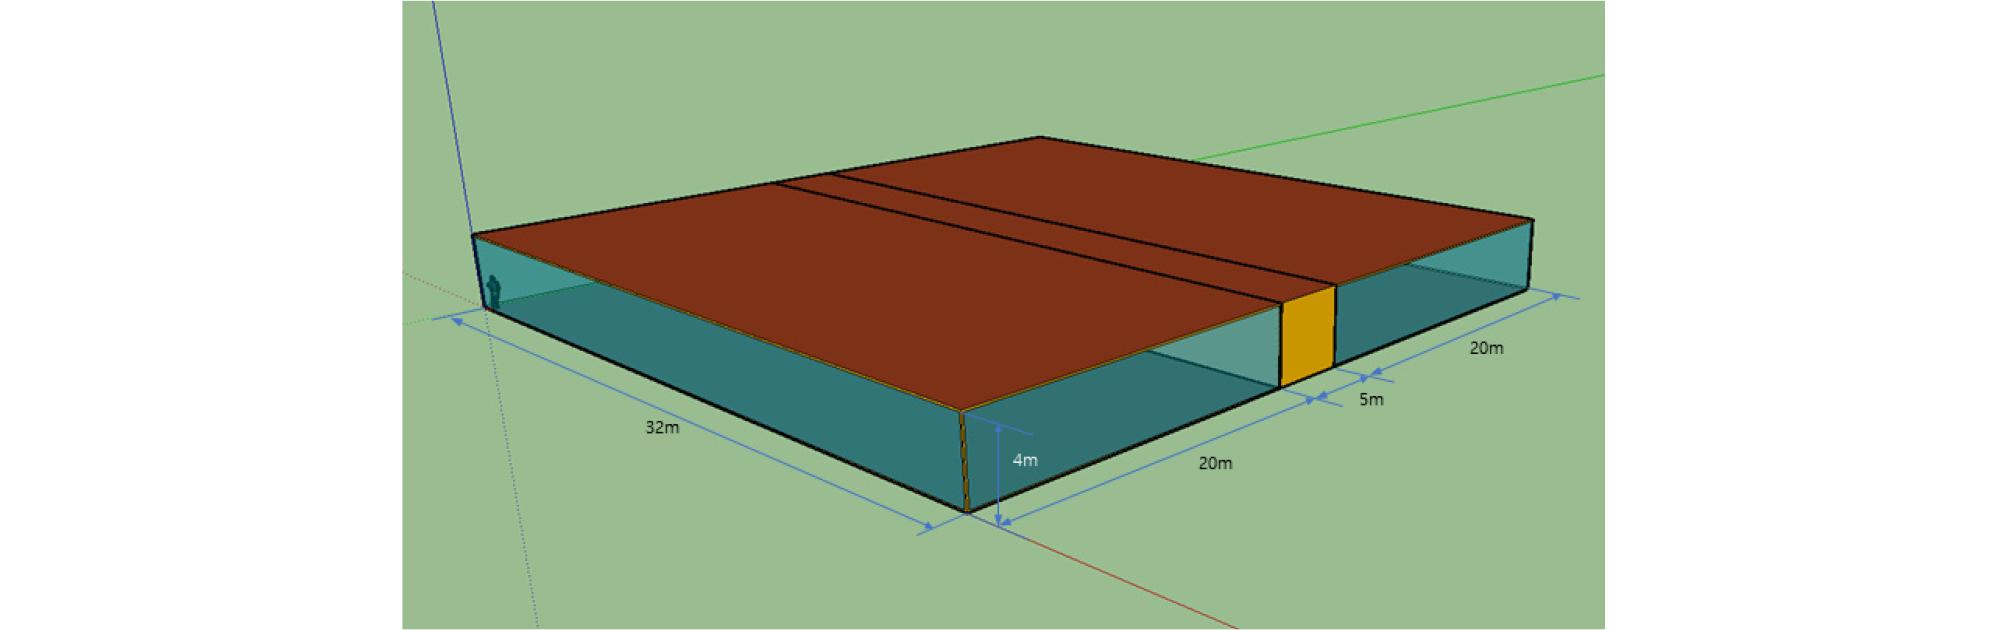 http://static.apub.kr/journalsite/sites/kiaebs/2020-014-05/N0280140502/images/Figure_KIAEBS_14_5_02_F1.jpg